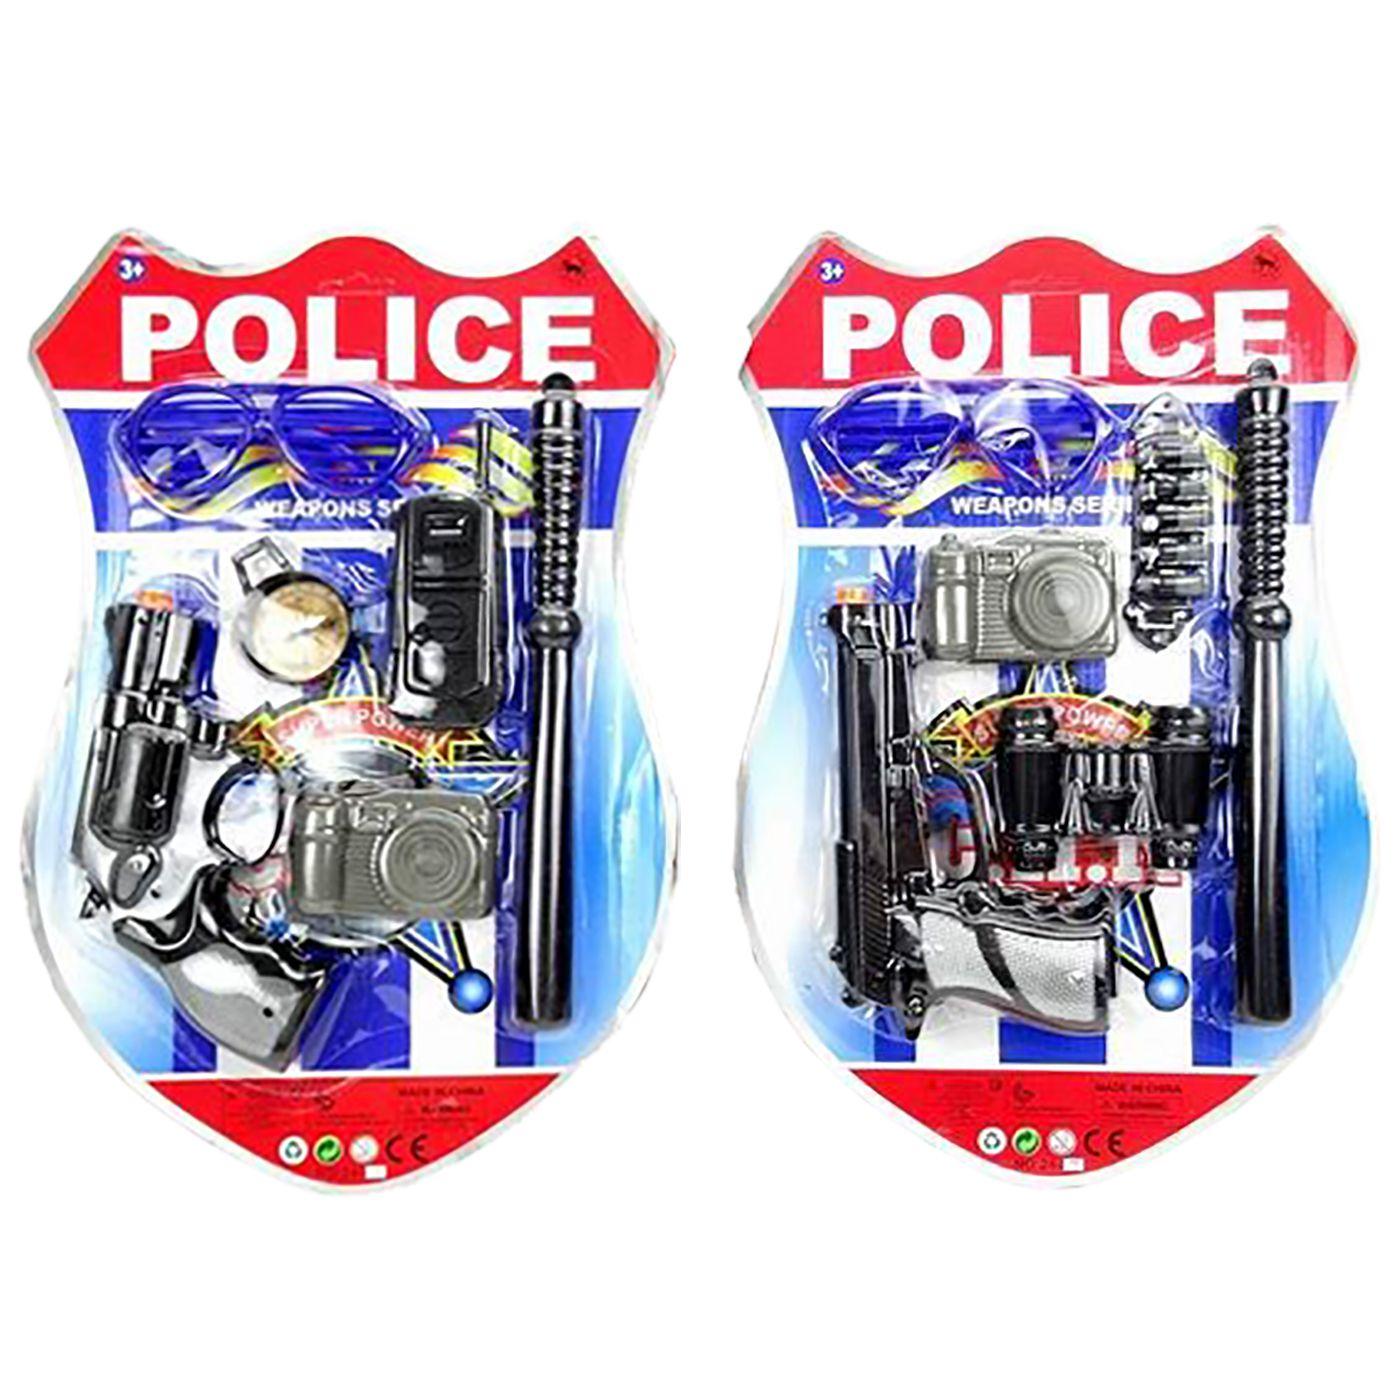 ΣΕΤ POLICE 7ΤΕΜ 36x25cm